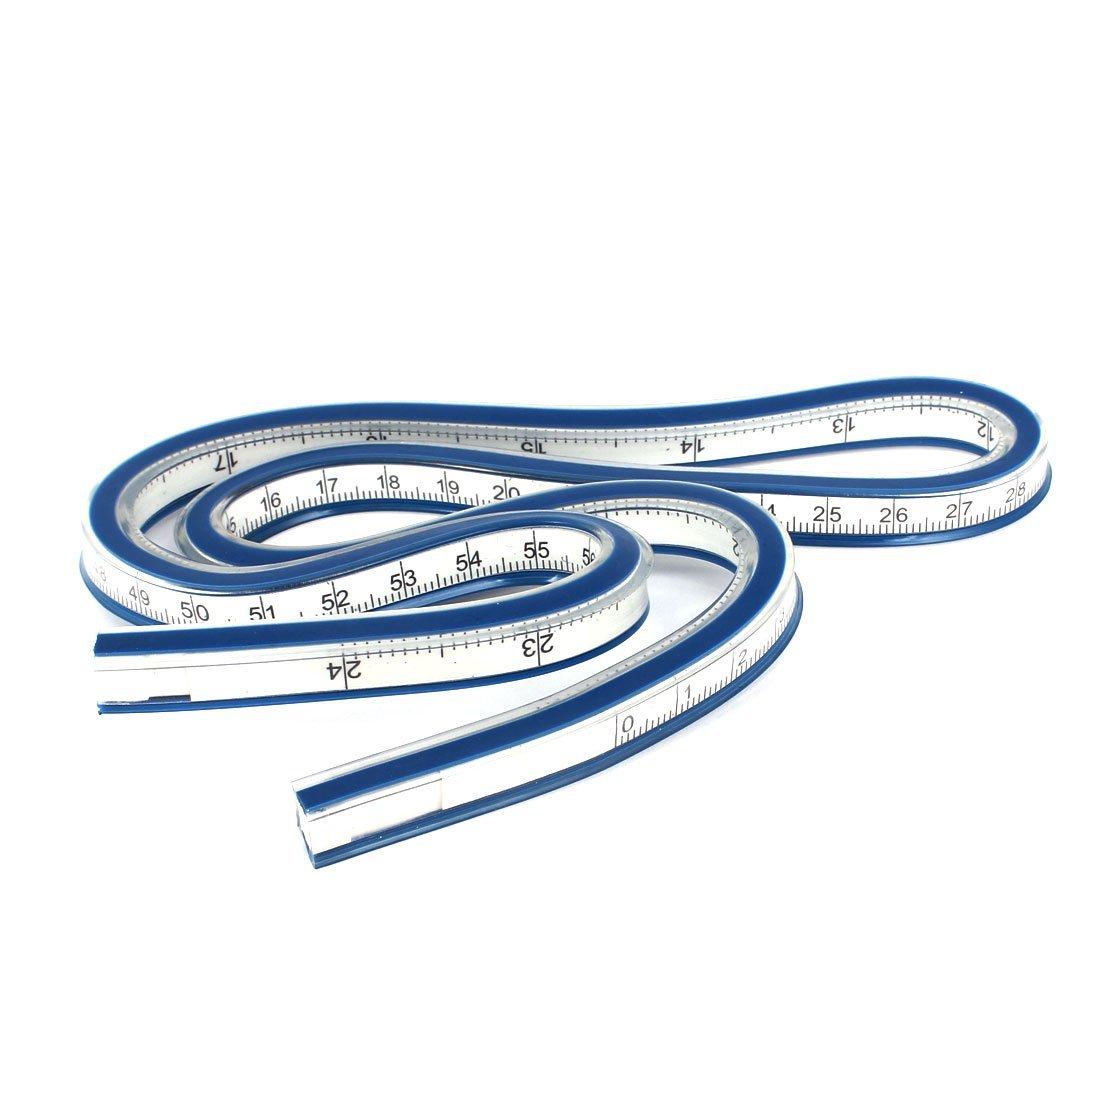 HOT-Carpenter Schneider Soft Plastic 60 Cm 24 Zoll Flexible Curve Ruler Blue + White